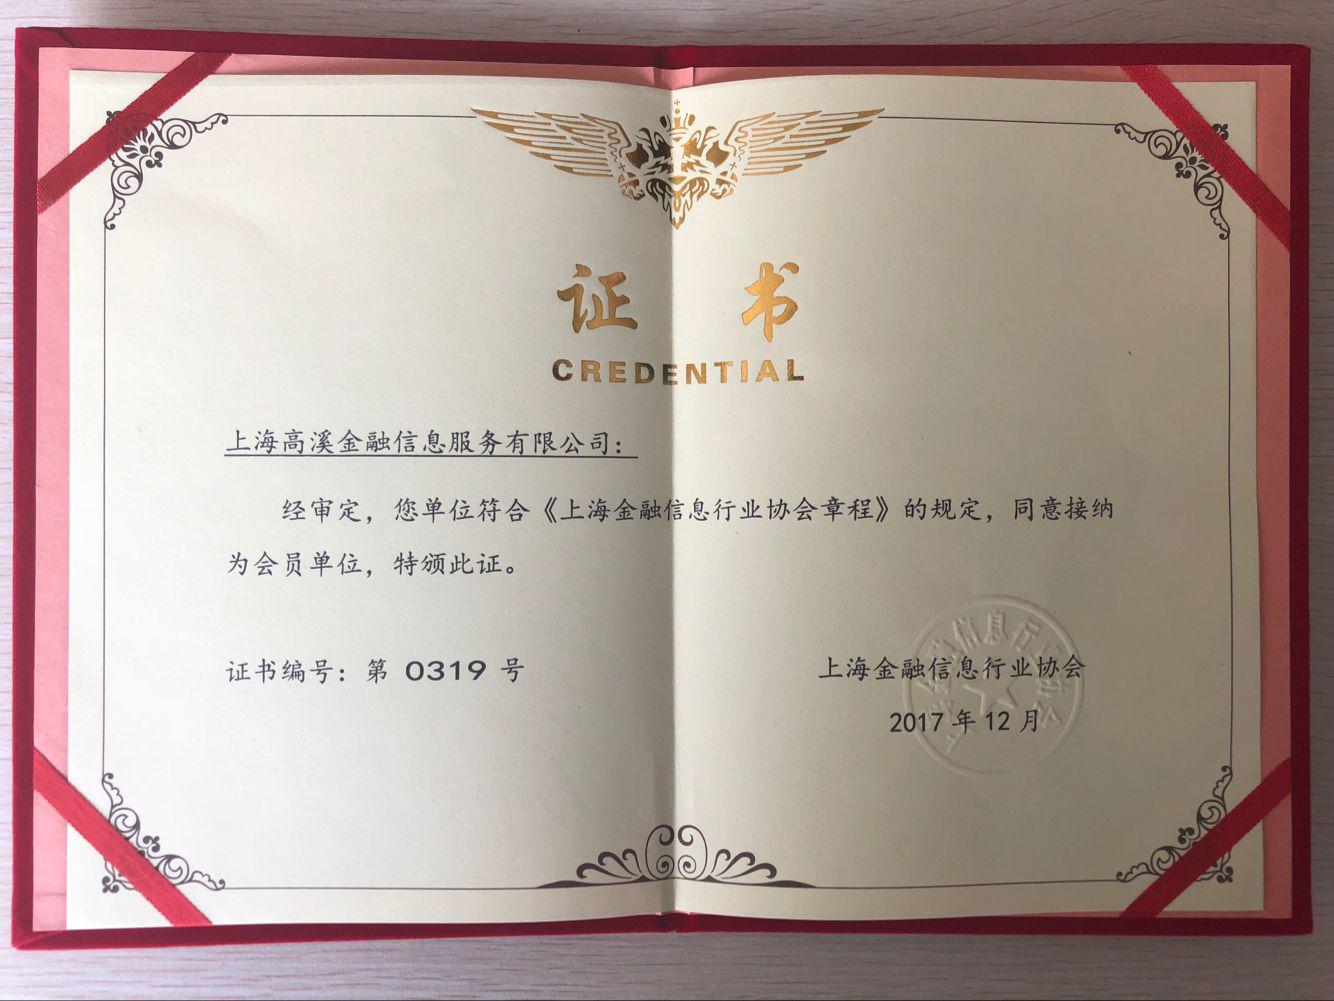 菠菜兴发娱乐城pt老虎机